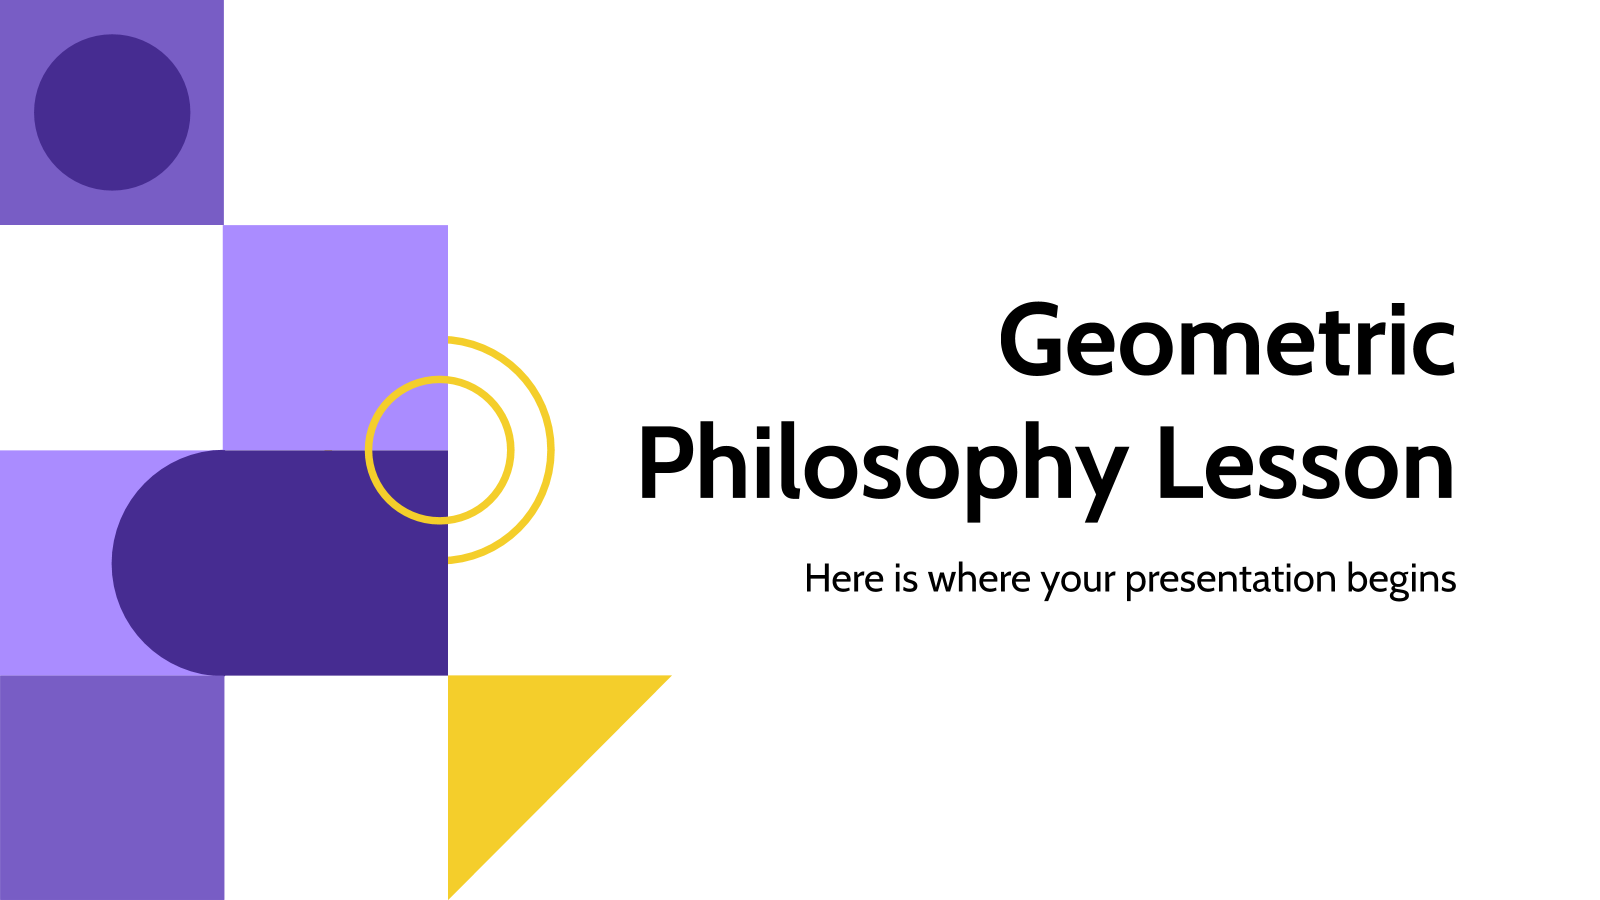 Modelo de apresentação Aula de filosofia geométrica